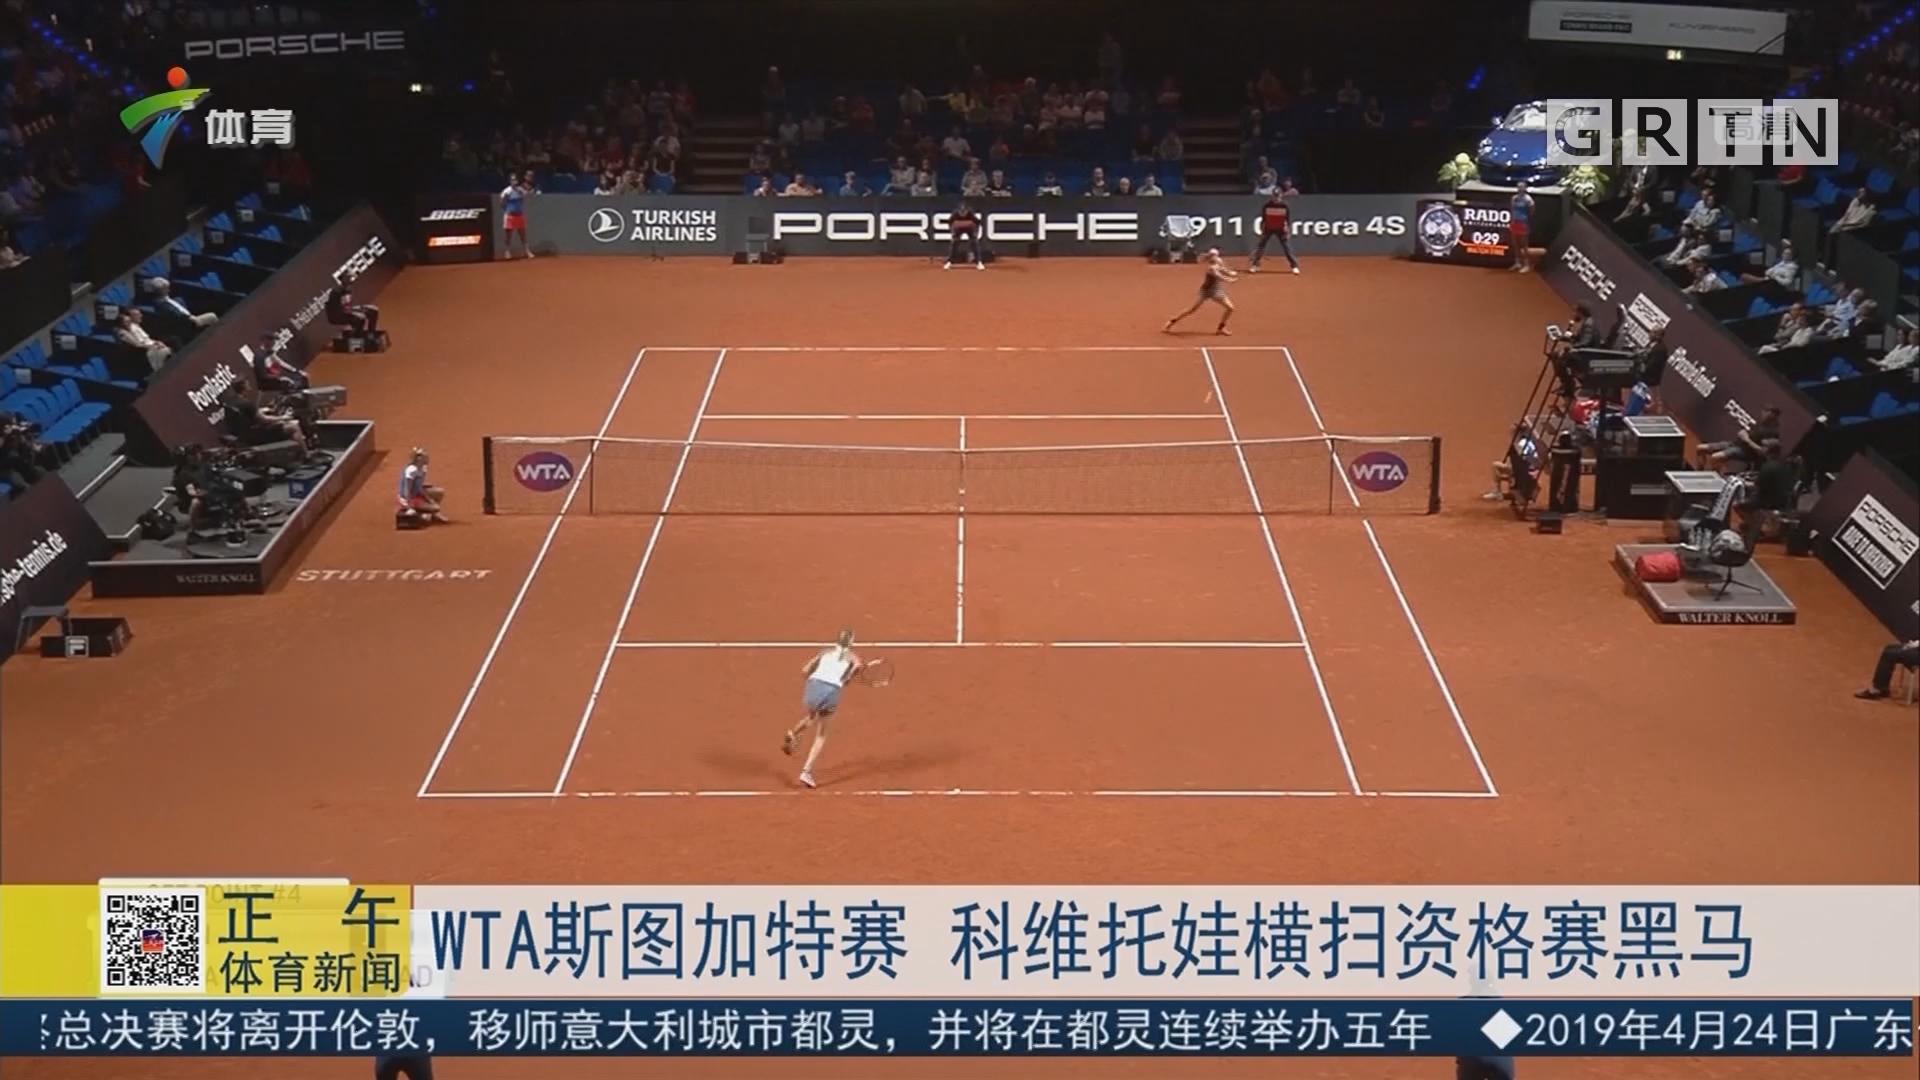 WTA斯图加特赛 科维托娃横扫资格赛黑马